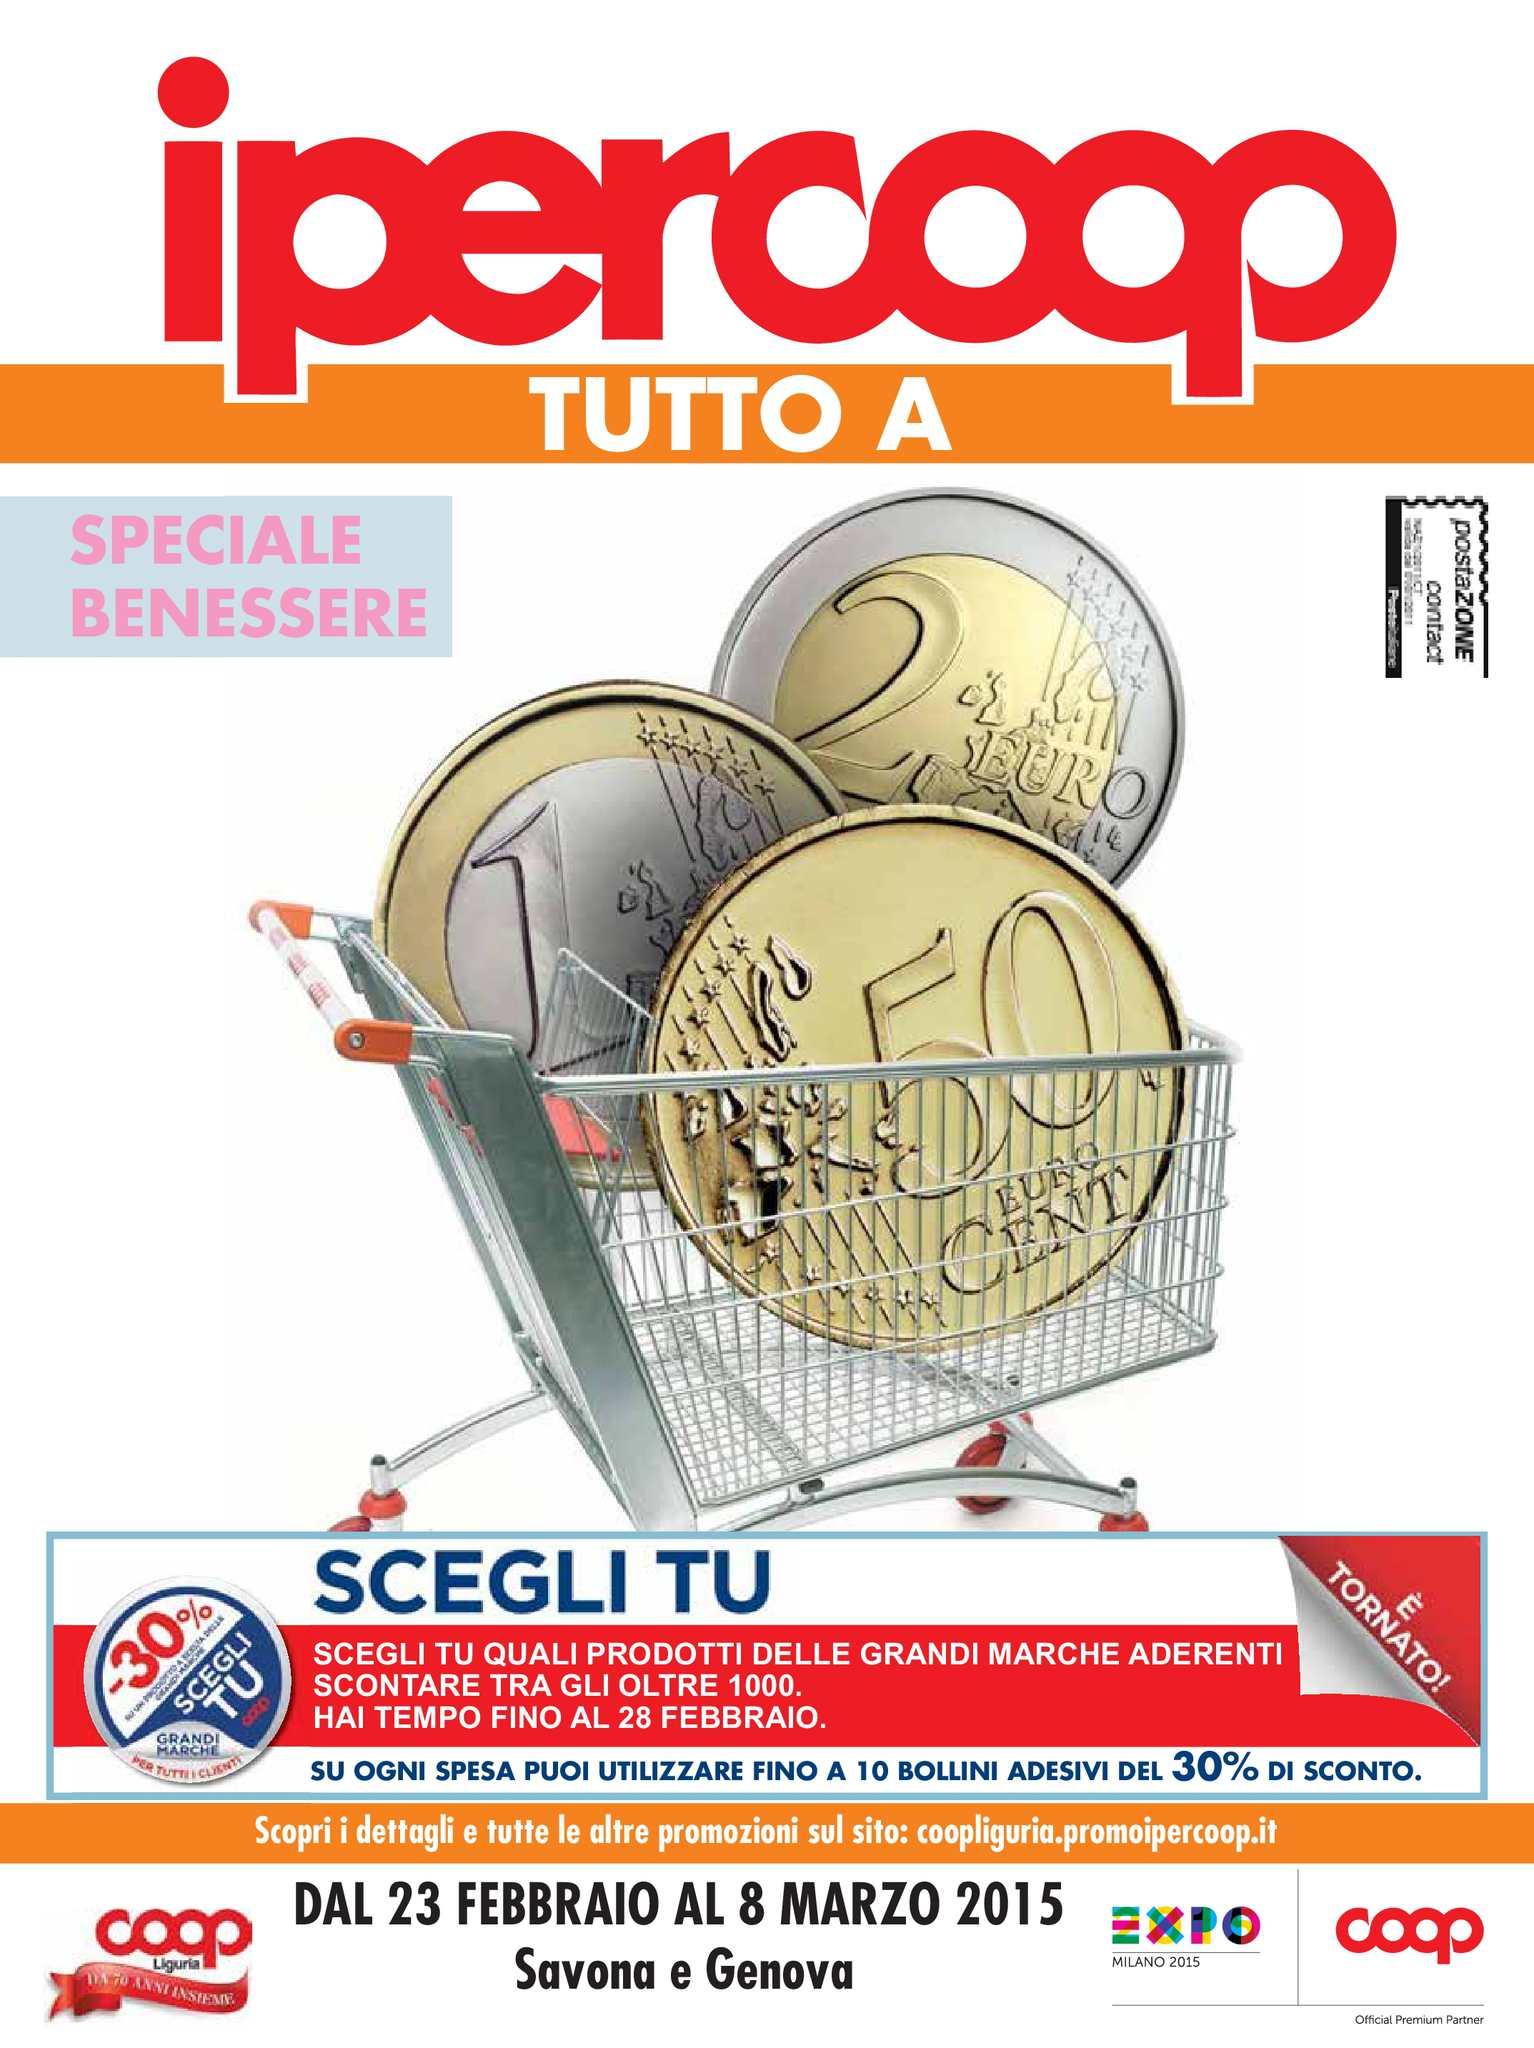 Awesome Ipercoop Le Terrazze La Spezia Telefono Contemporary ...